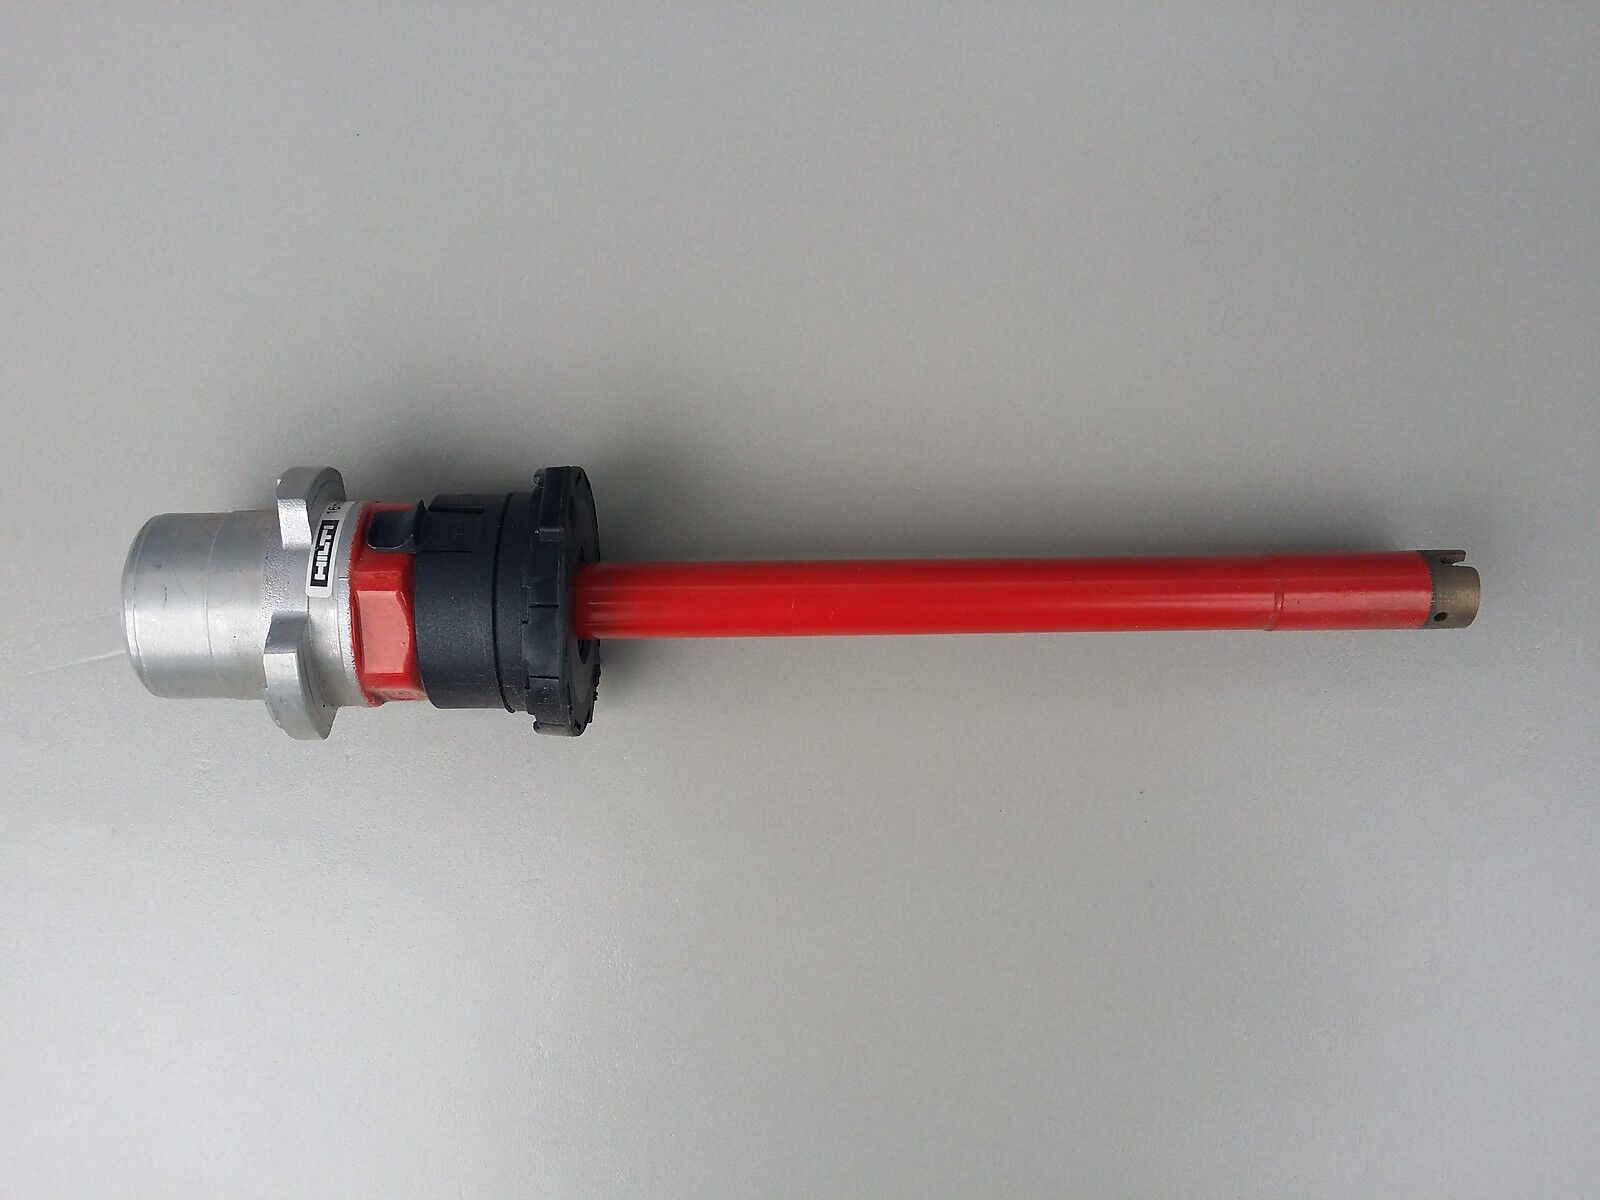 Hilti Bohrkrone DD-C 24/300 T2 neu für DD EC-1 DD - C 70% Rabatt auf Hilti Preis